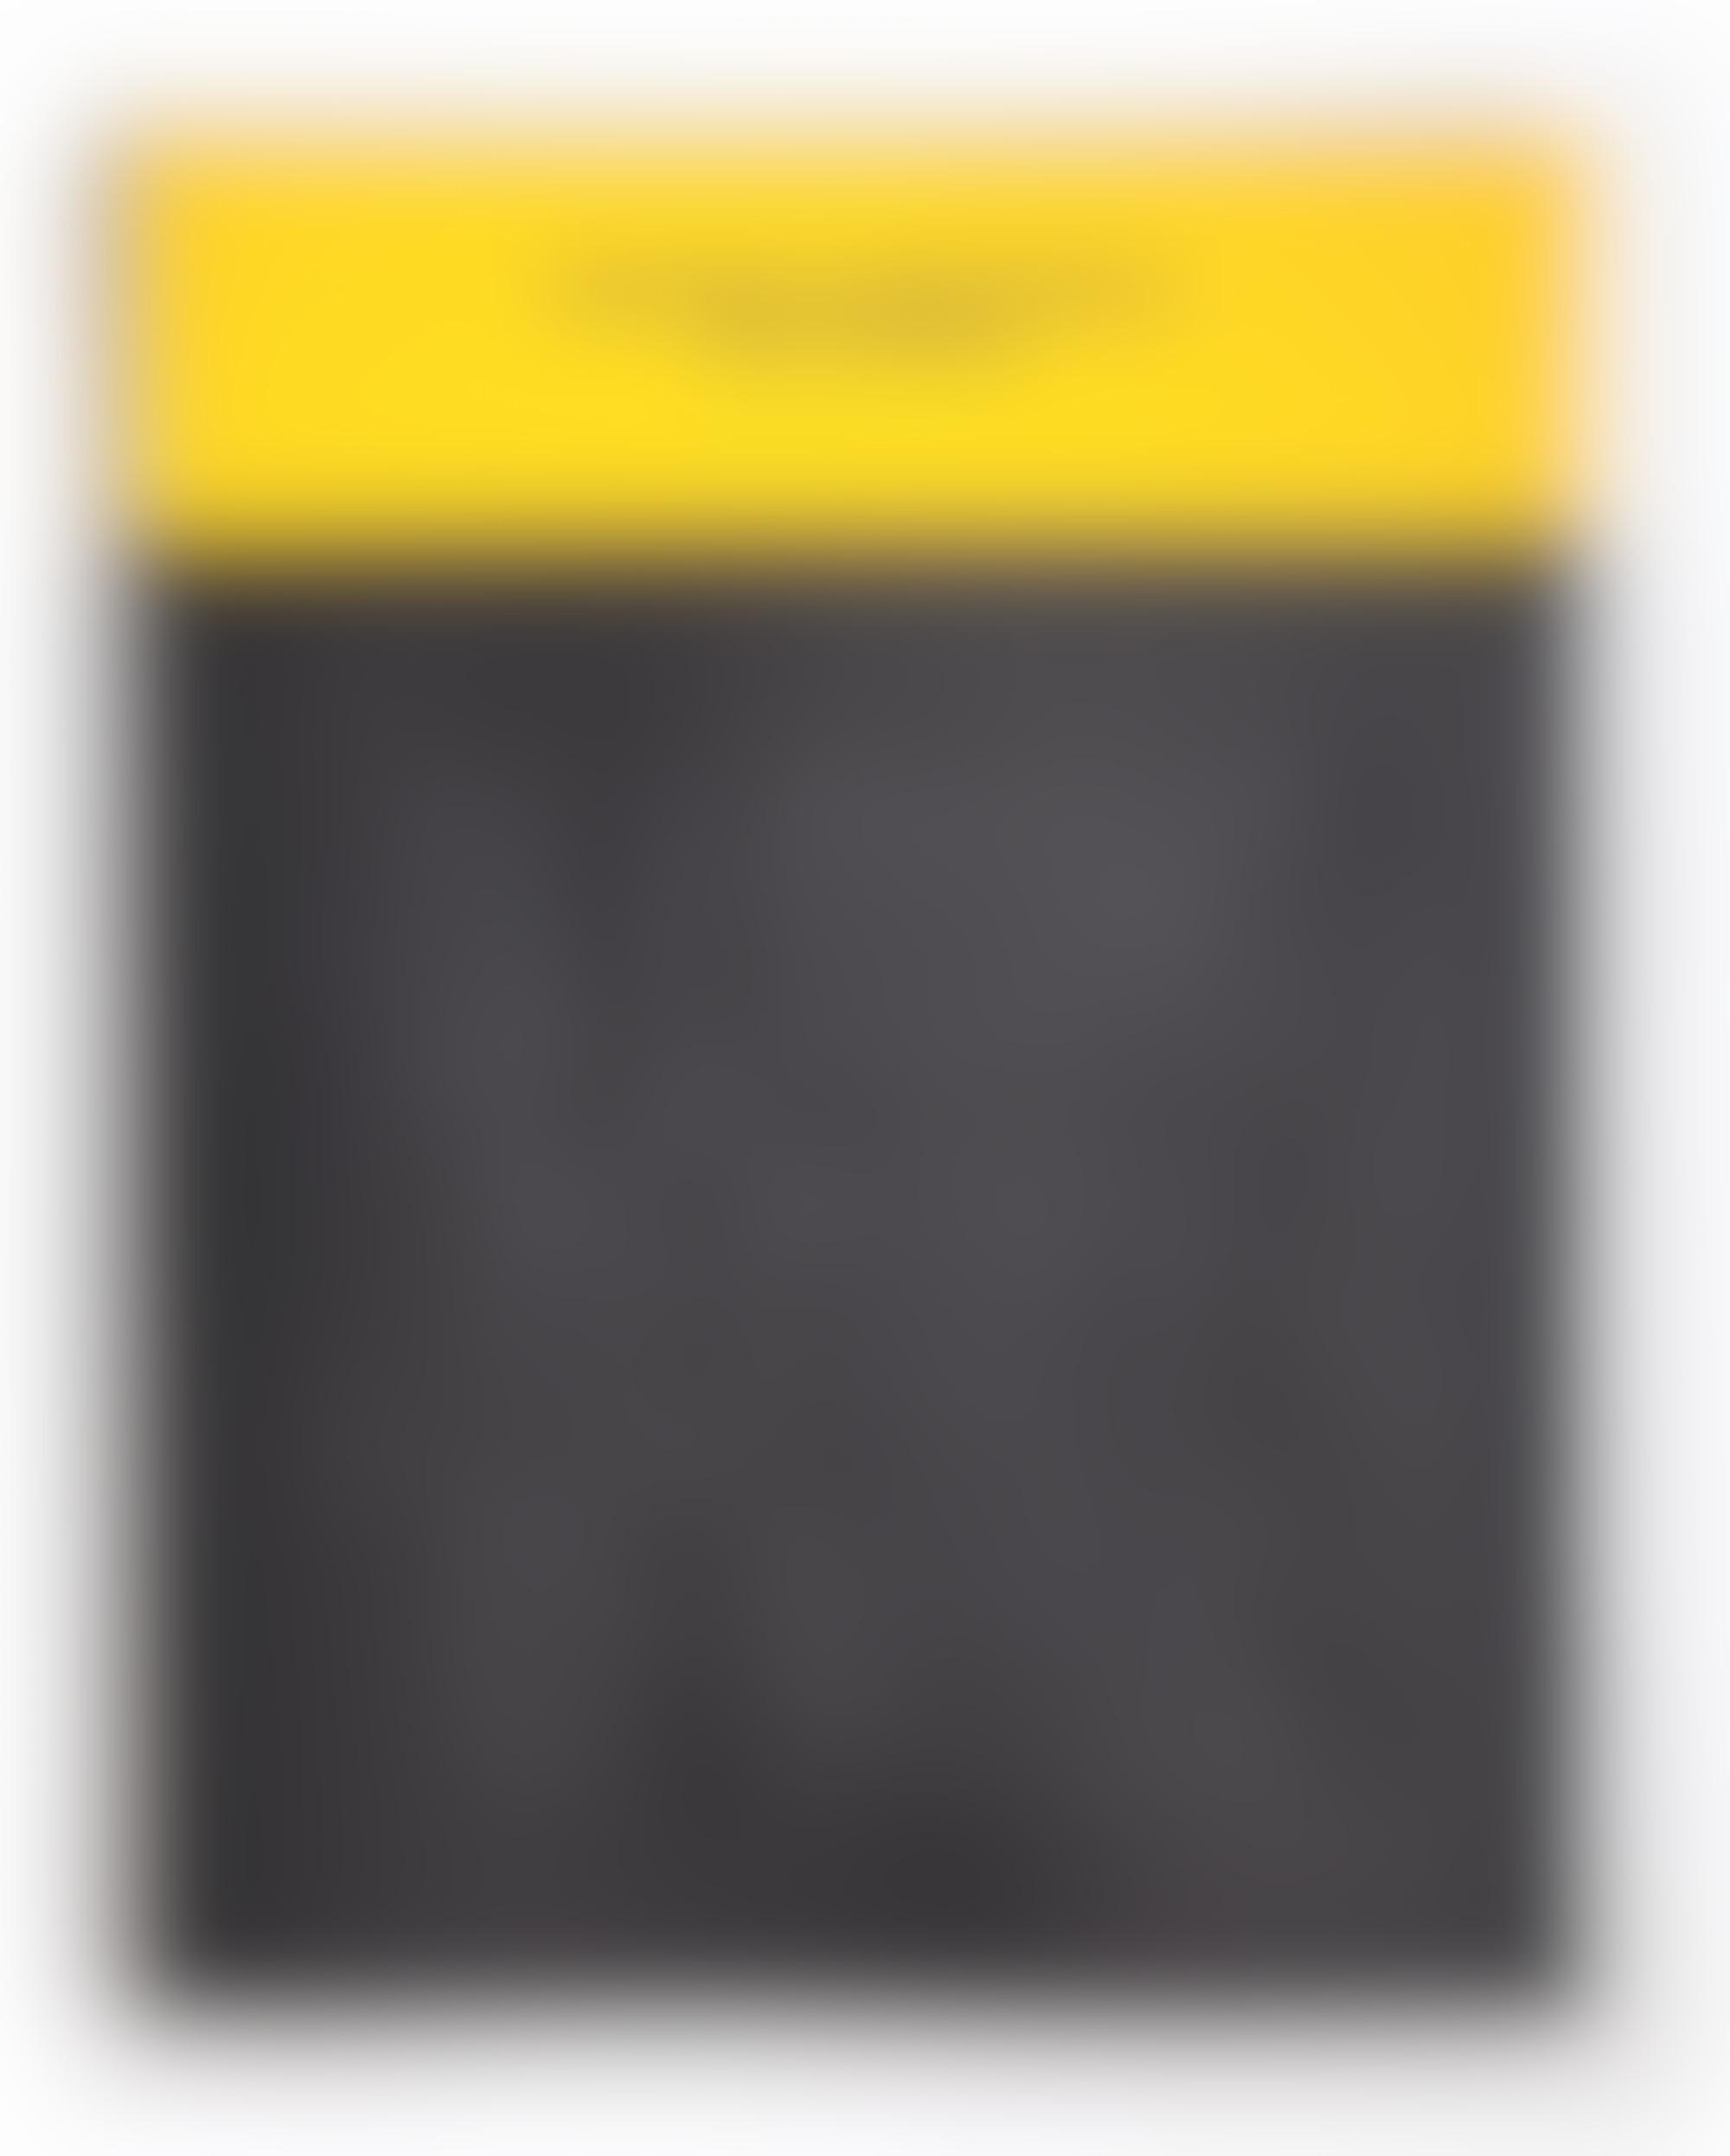 ILMW Cover Jacket Full 2 autocompressfitresizeixlibphp 1 1 0max h2000max w3 D2000q80s4534d2532ef126970598df7adadc9ffa